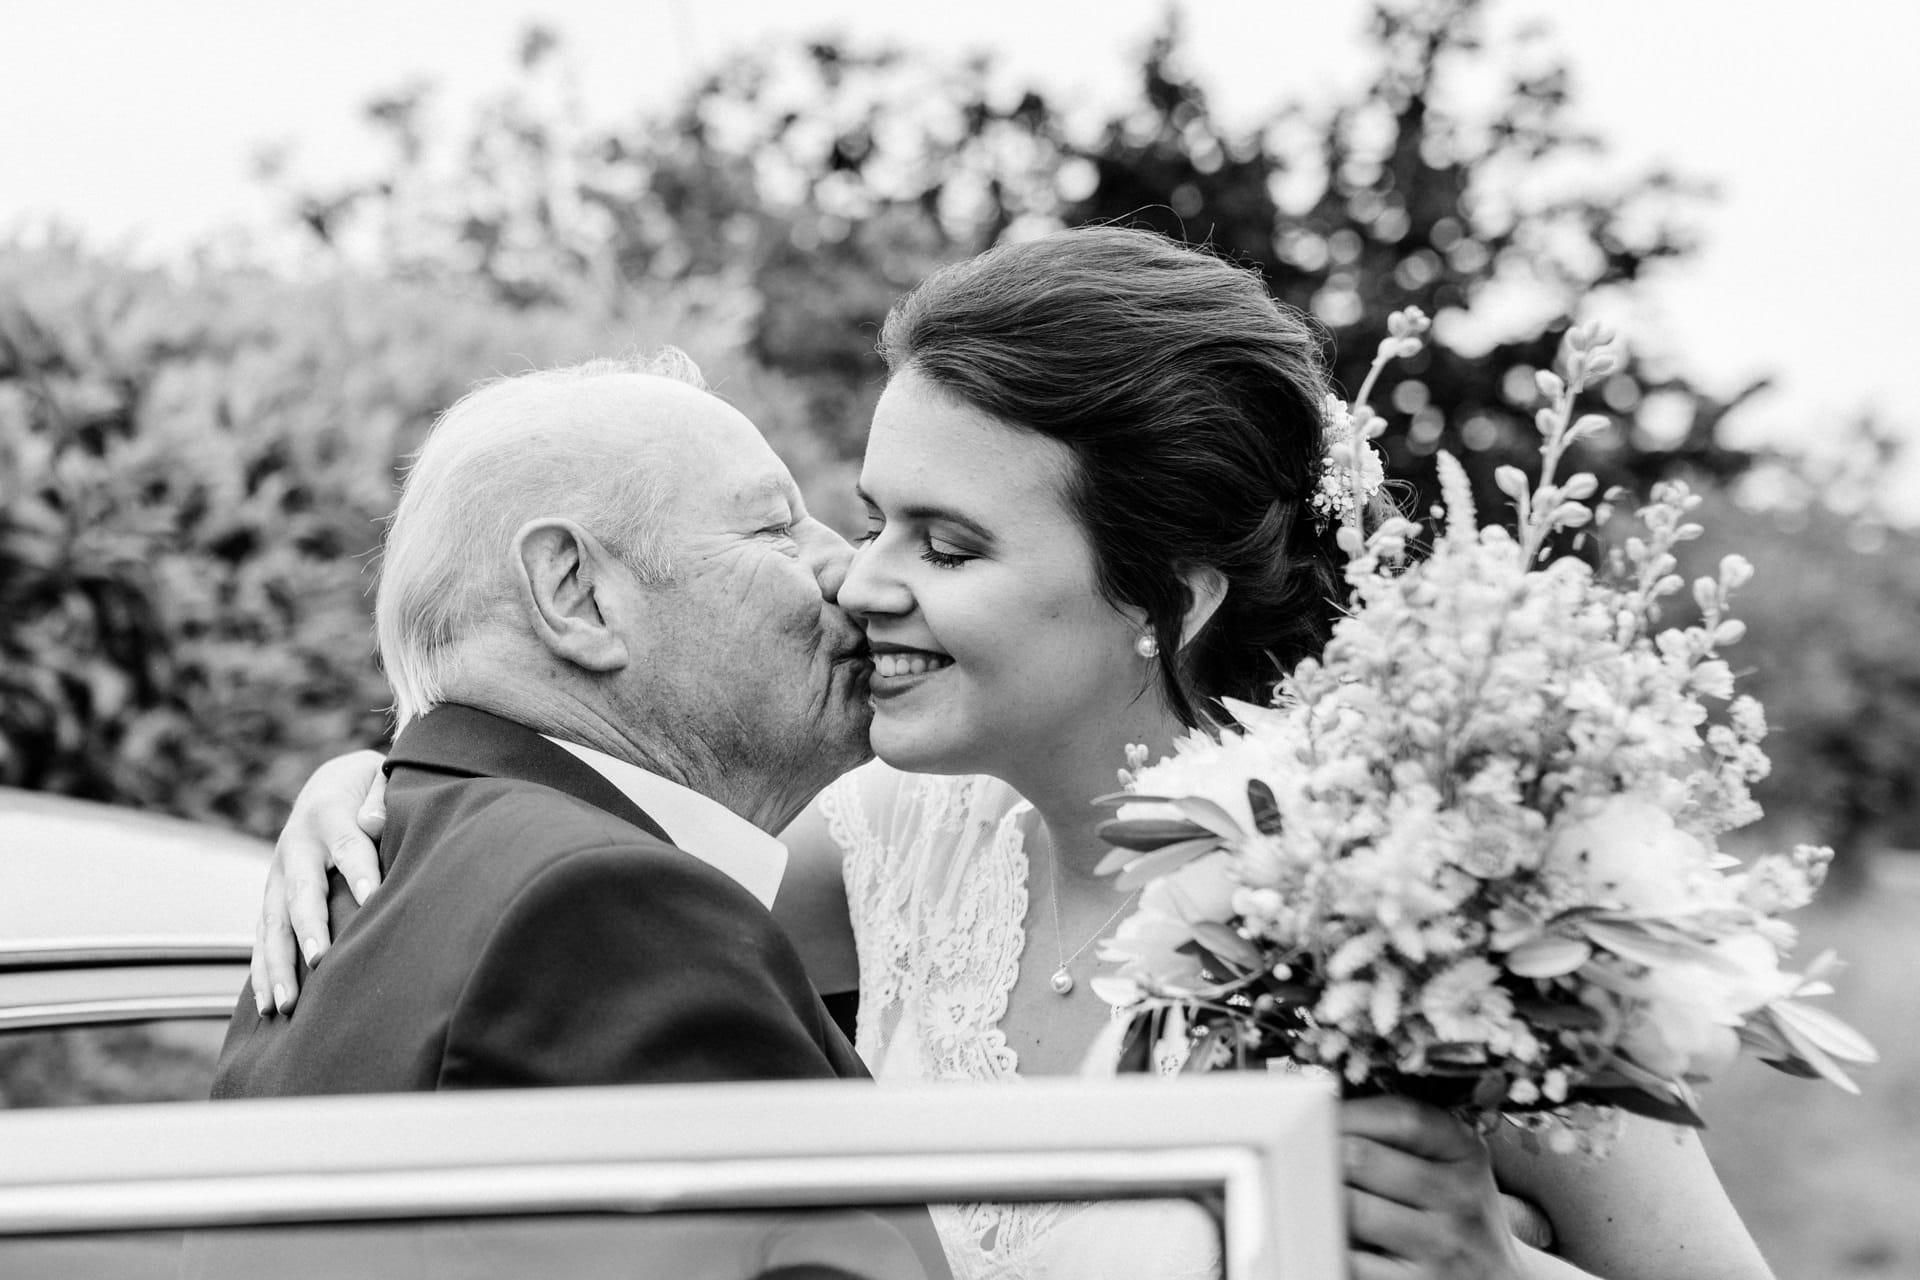 Grossvater küsst Braut auf die Backe nach der Trauung am Hochzeitstag